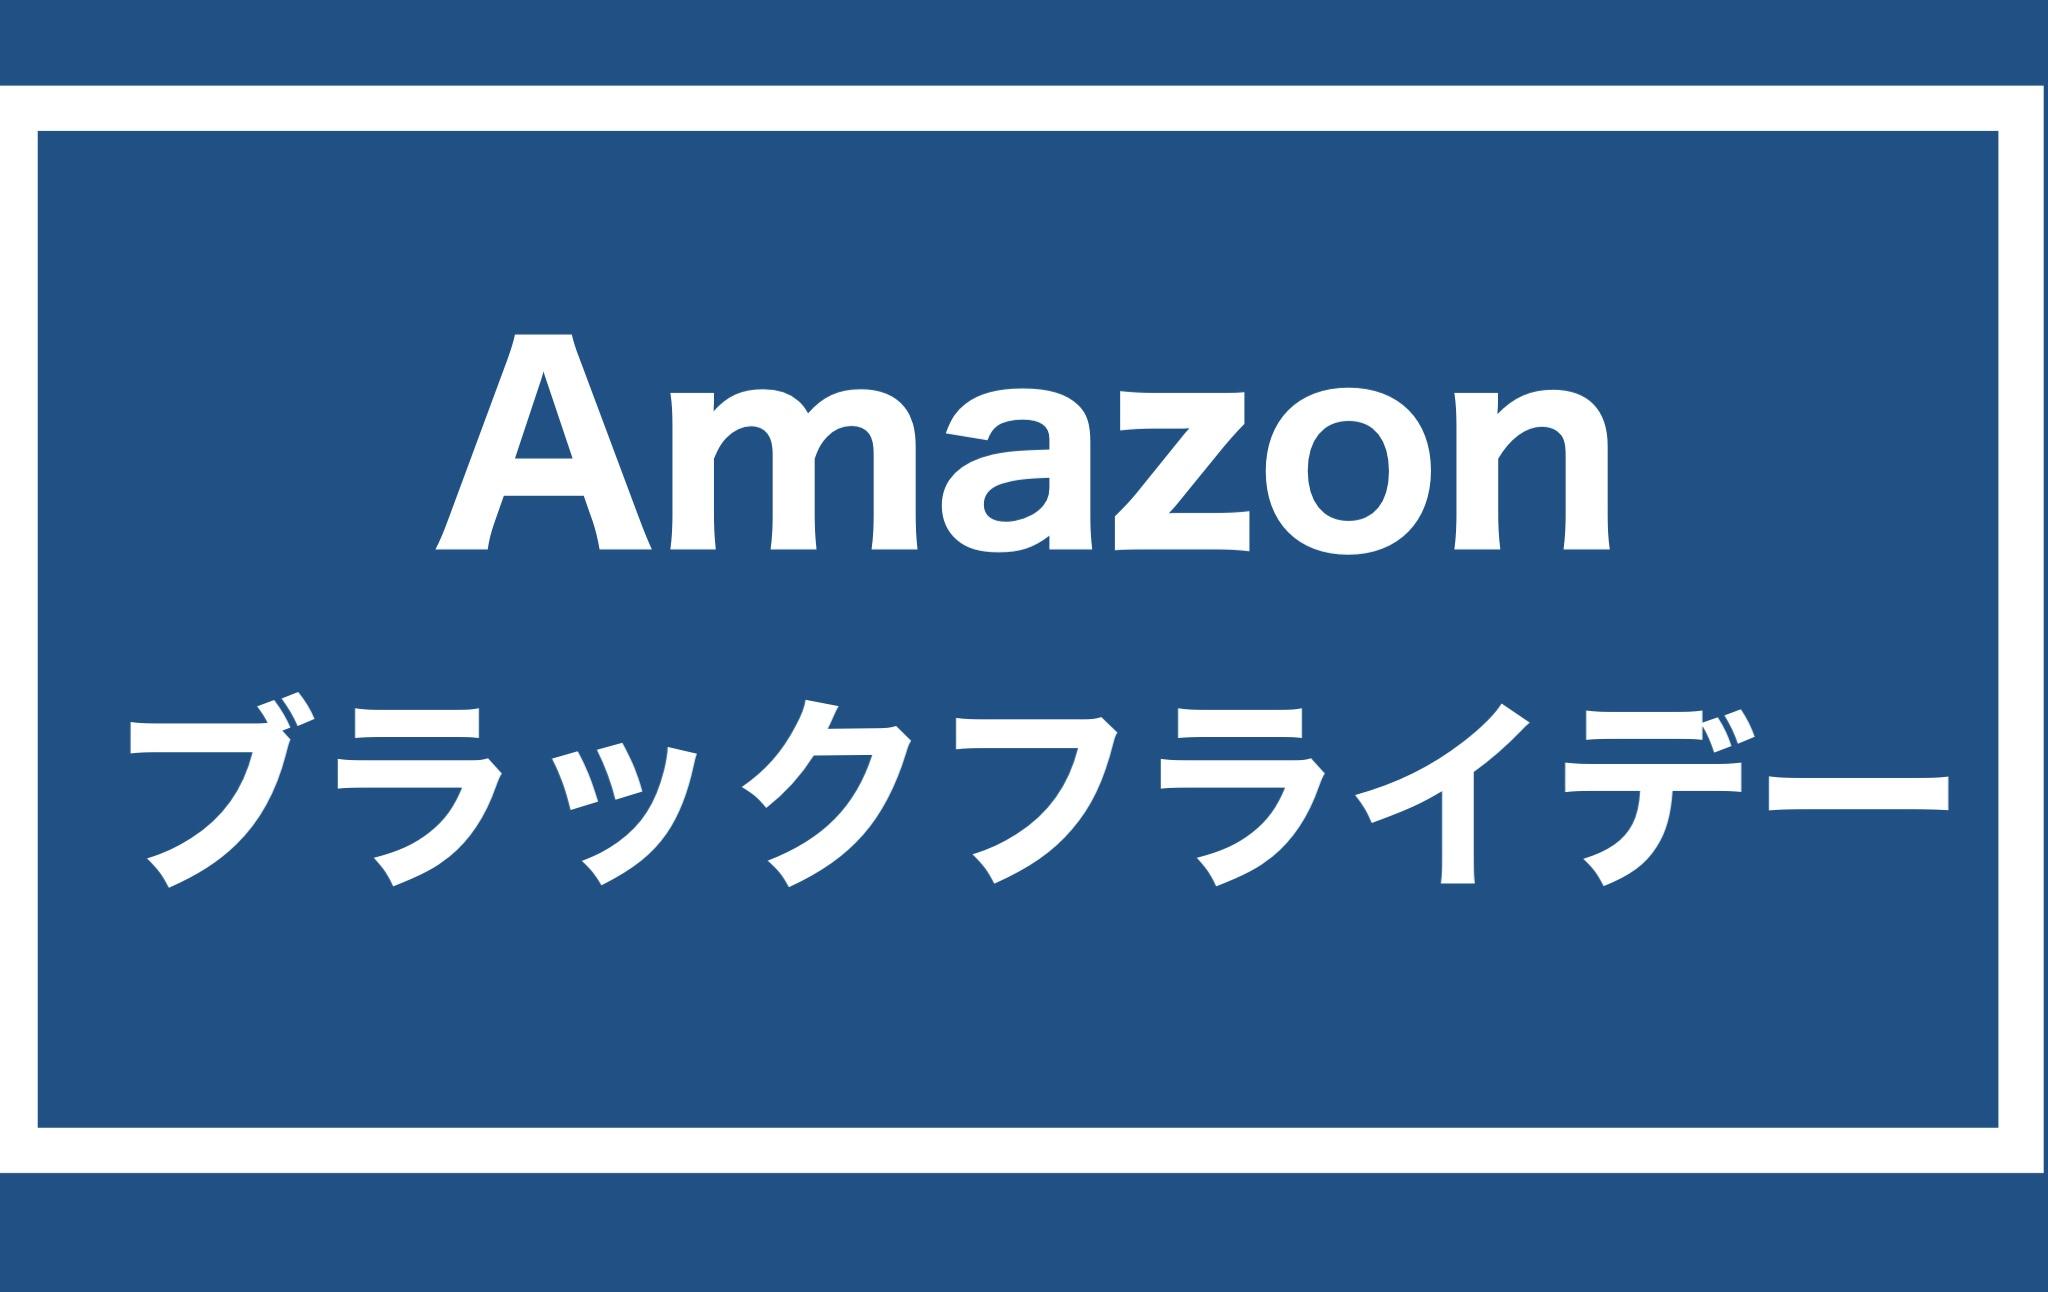 セール 時期 2020 amazon 【プライムデー2020】Amazonのセールはいつ?どれくらいお得?【買うべきオススメ商品】